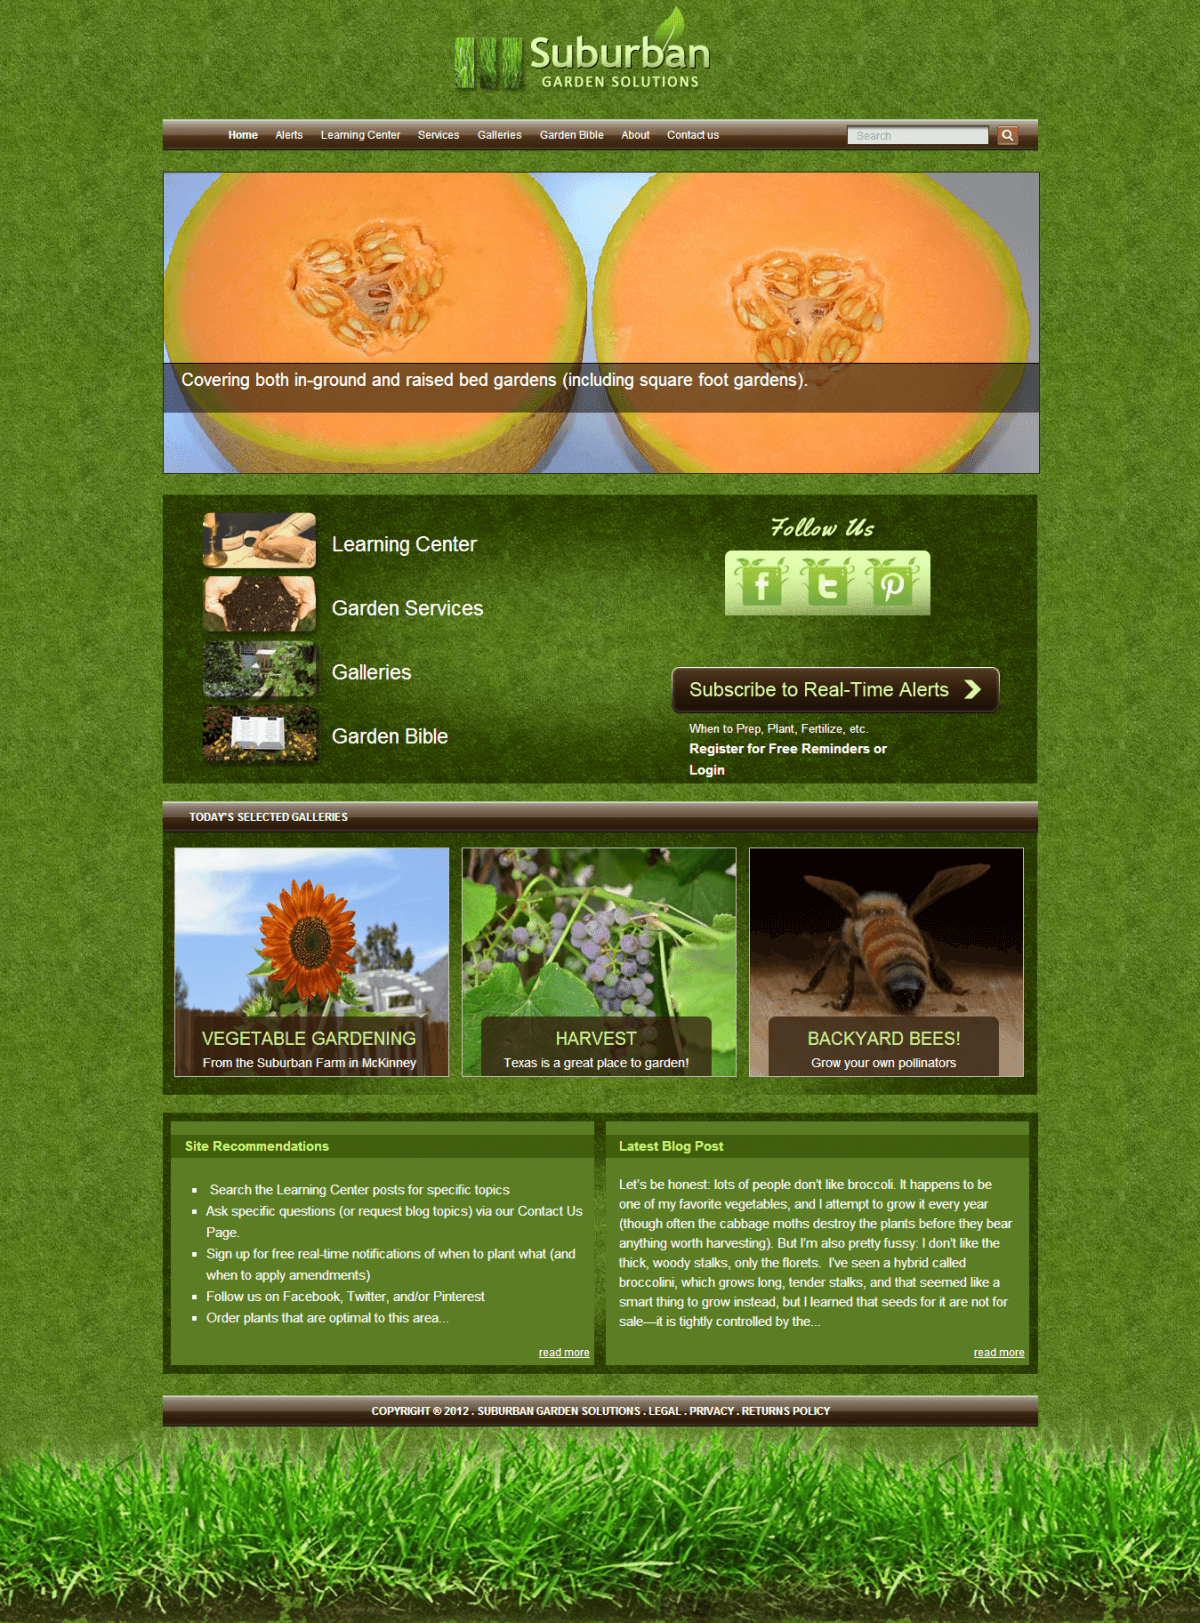 Home-Suburban-Garden-Solutions-1200x1623